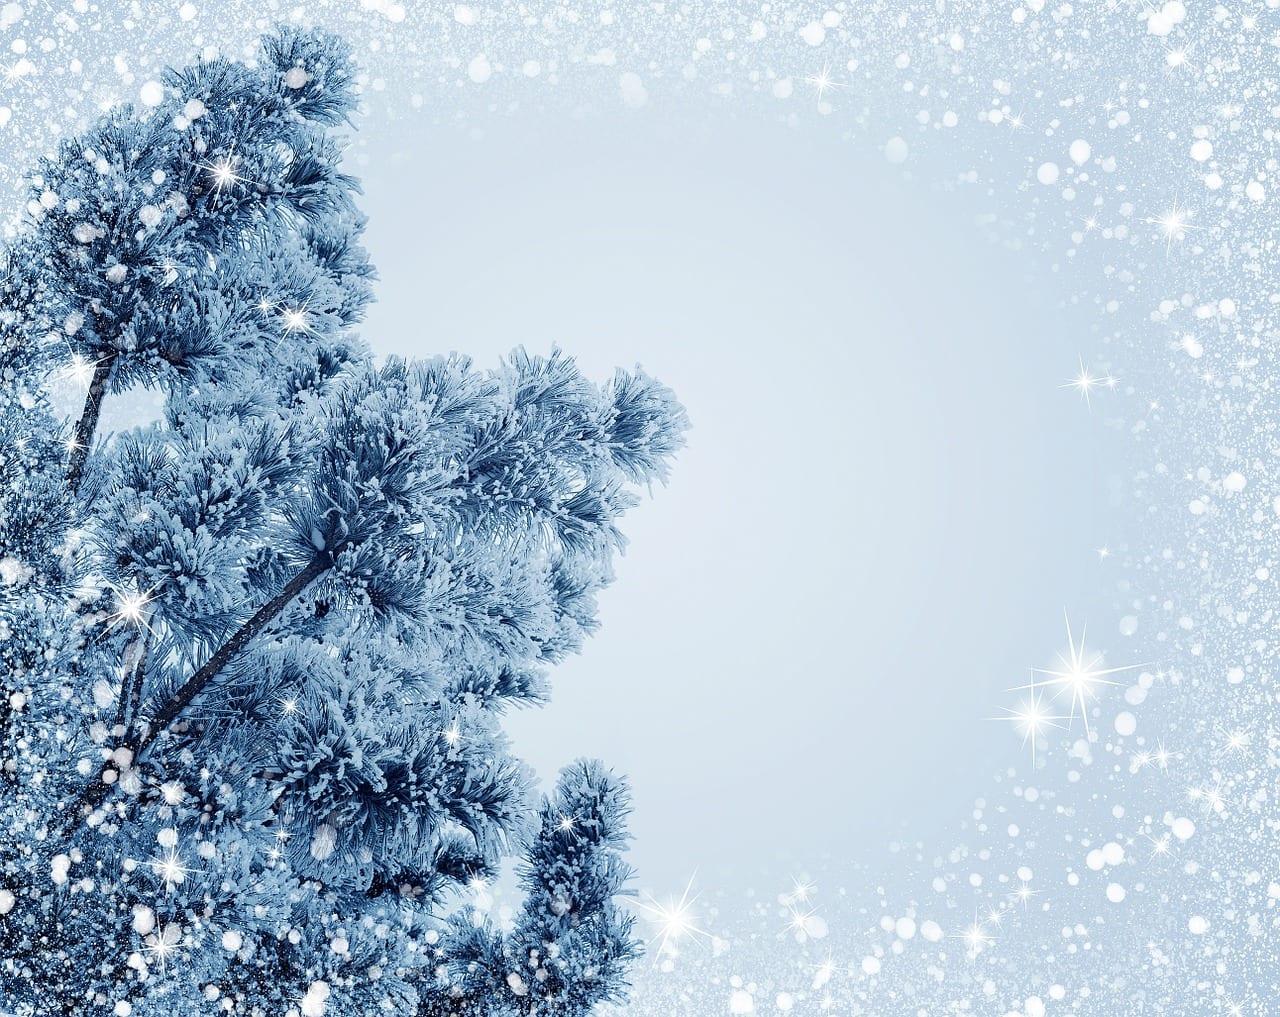 Día de Navidad con nieve